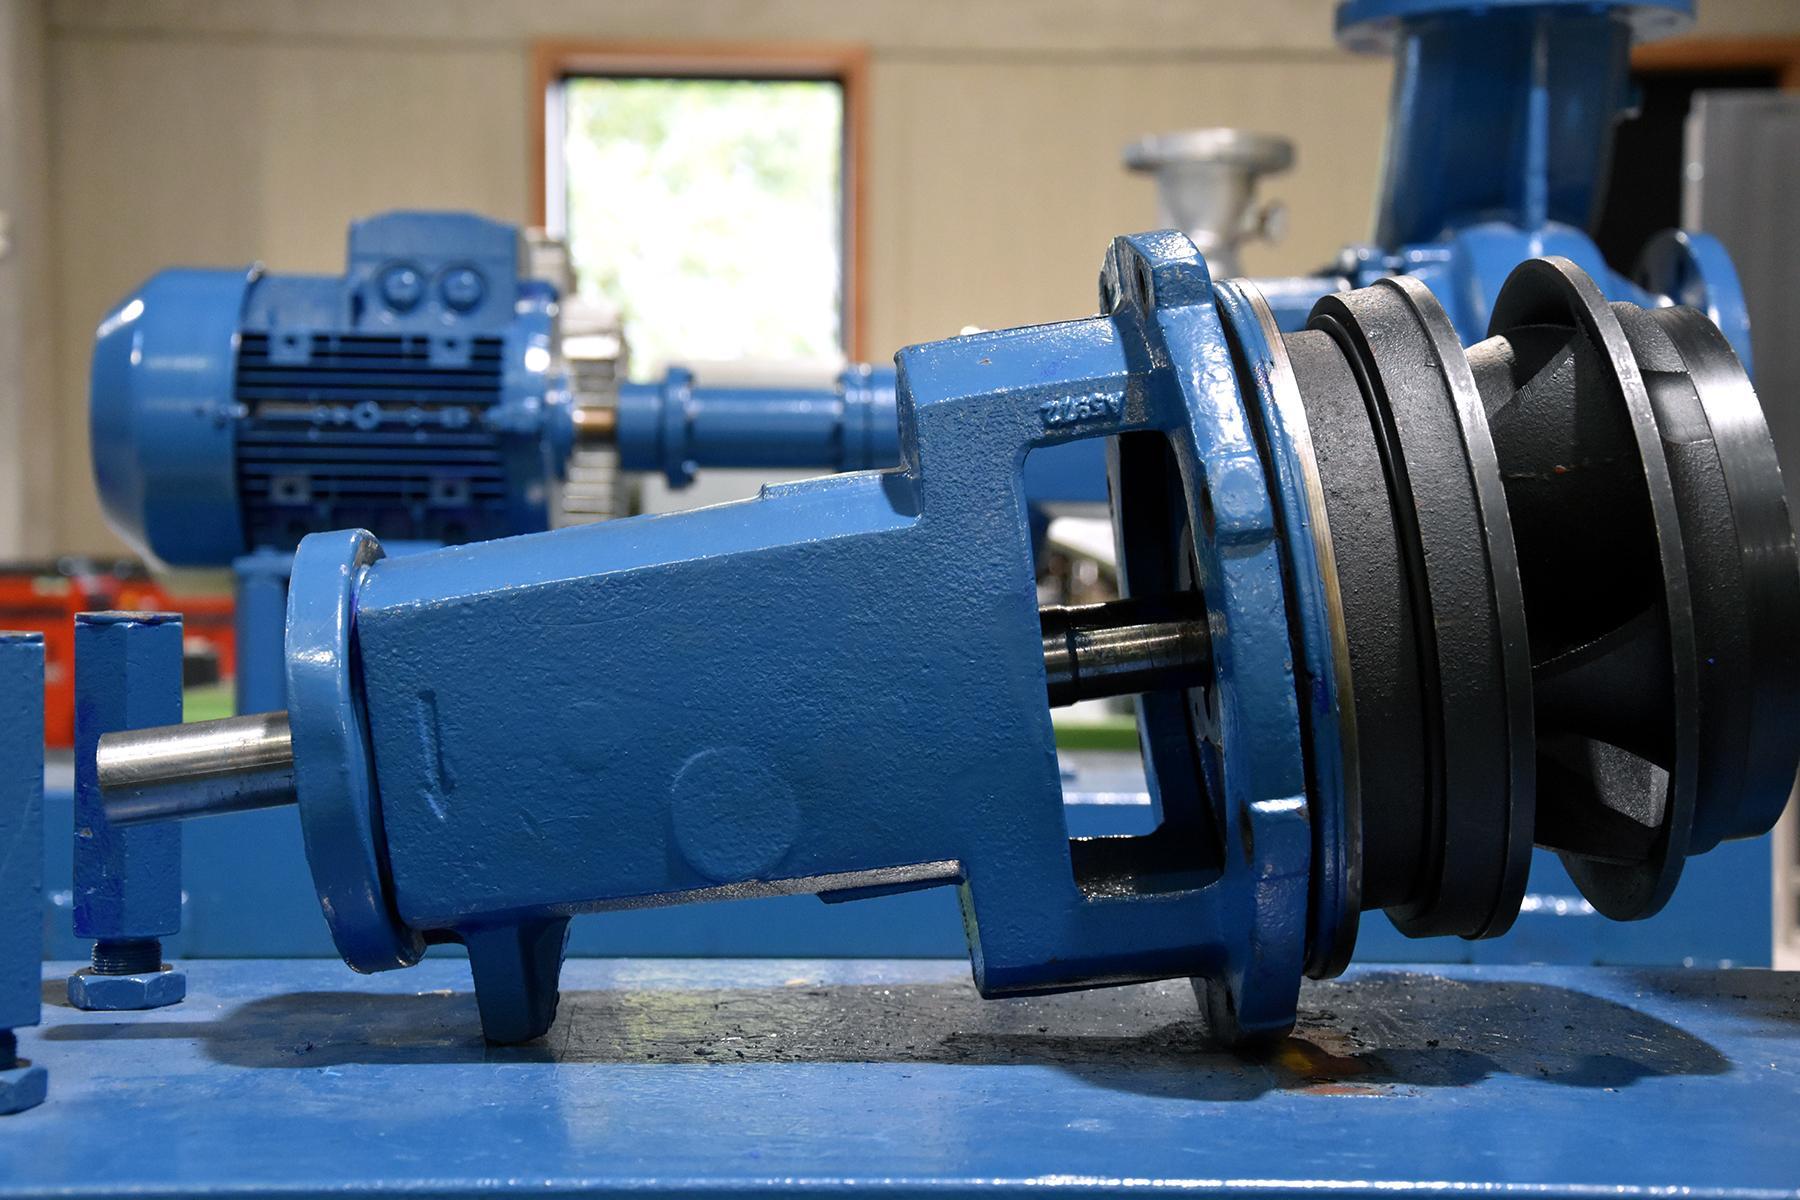 Mécanique - Les pompes basse pression dans l'industrie